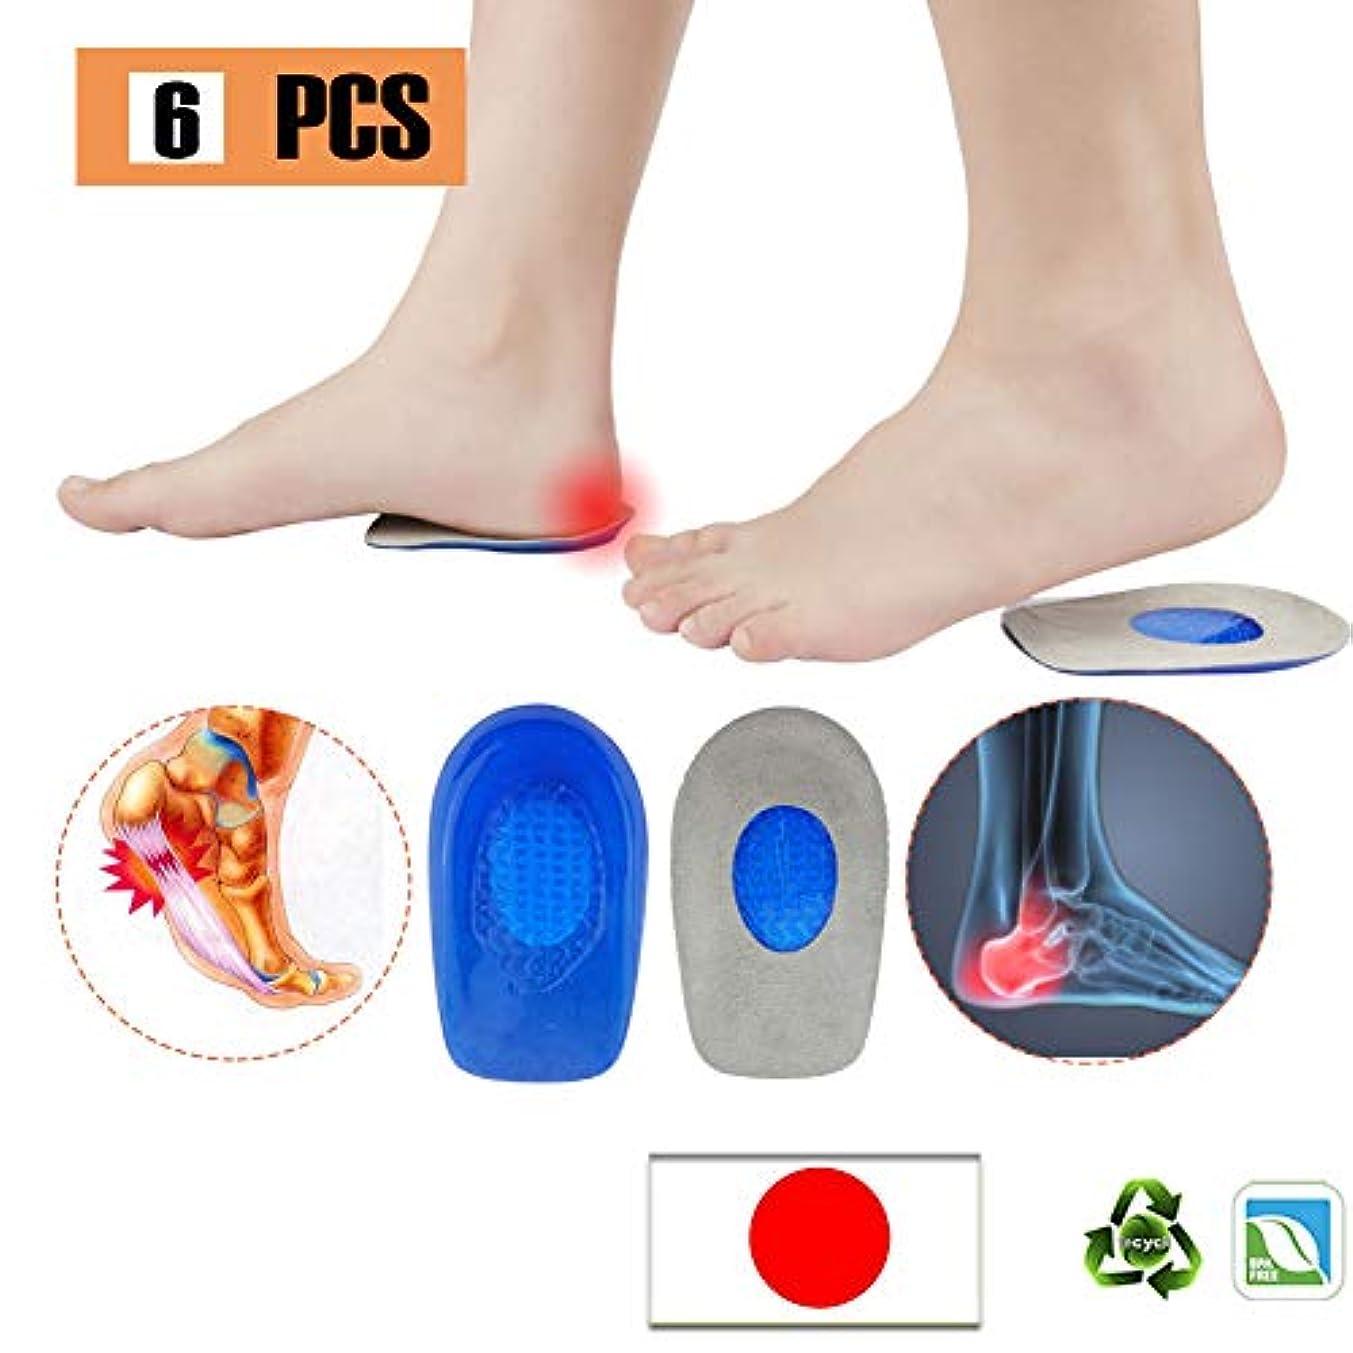 ダイアクリティカルシャンパン国民投票足底筋膜炎インサート かかと中敷き ヒールカップ ゲル ヒールパッド クッション (3ペア)ヒールインサート 踵の痛みに最適 アキレス腱炎 男女兼用